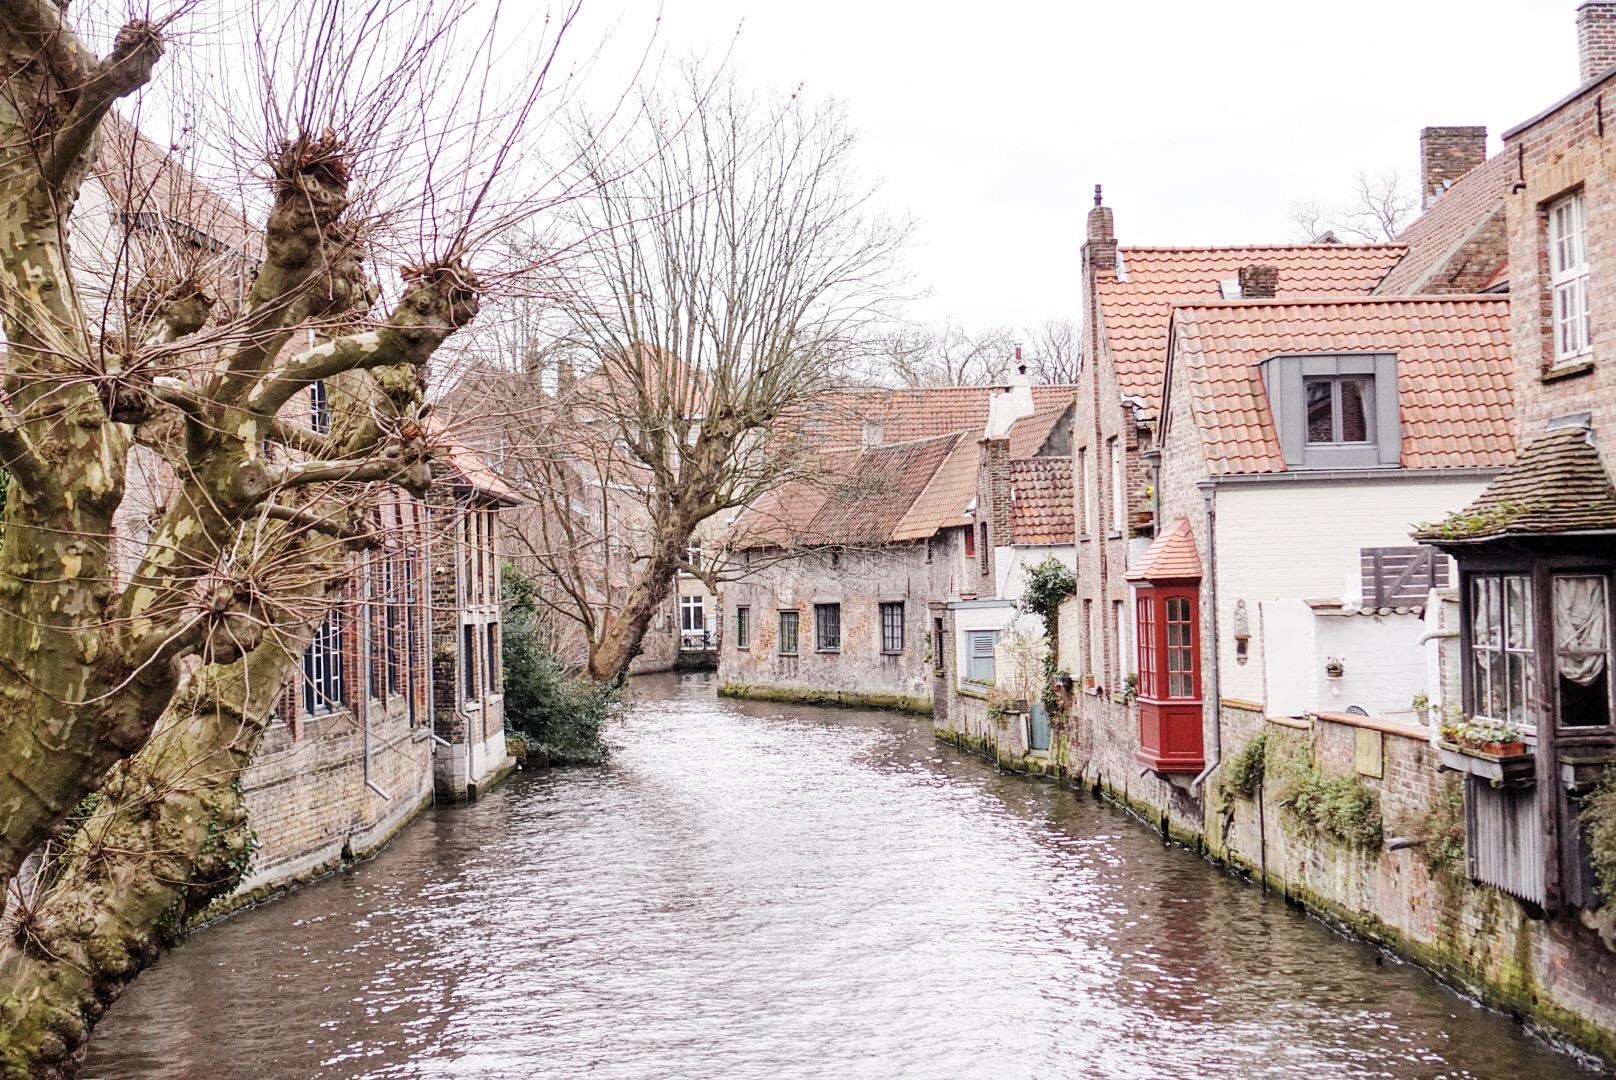 Brugia i jeden z licznych kanałów